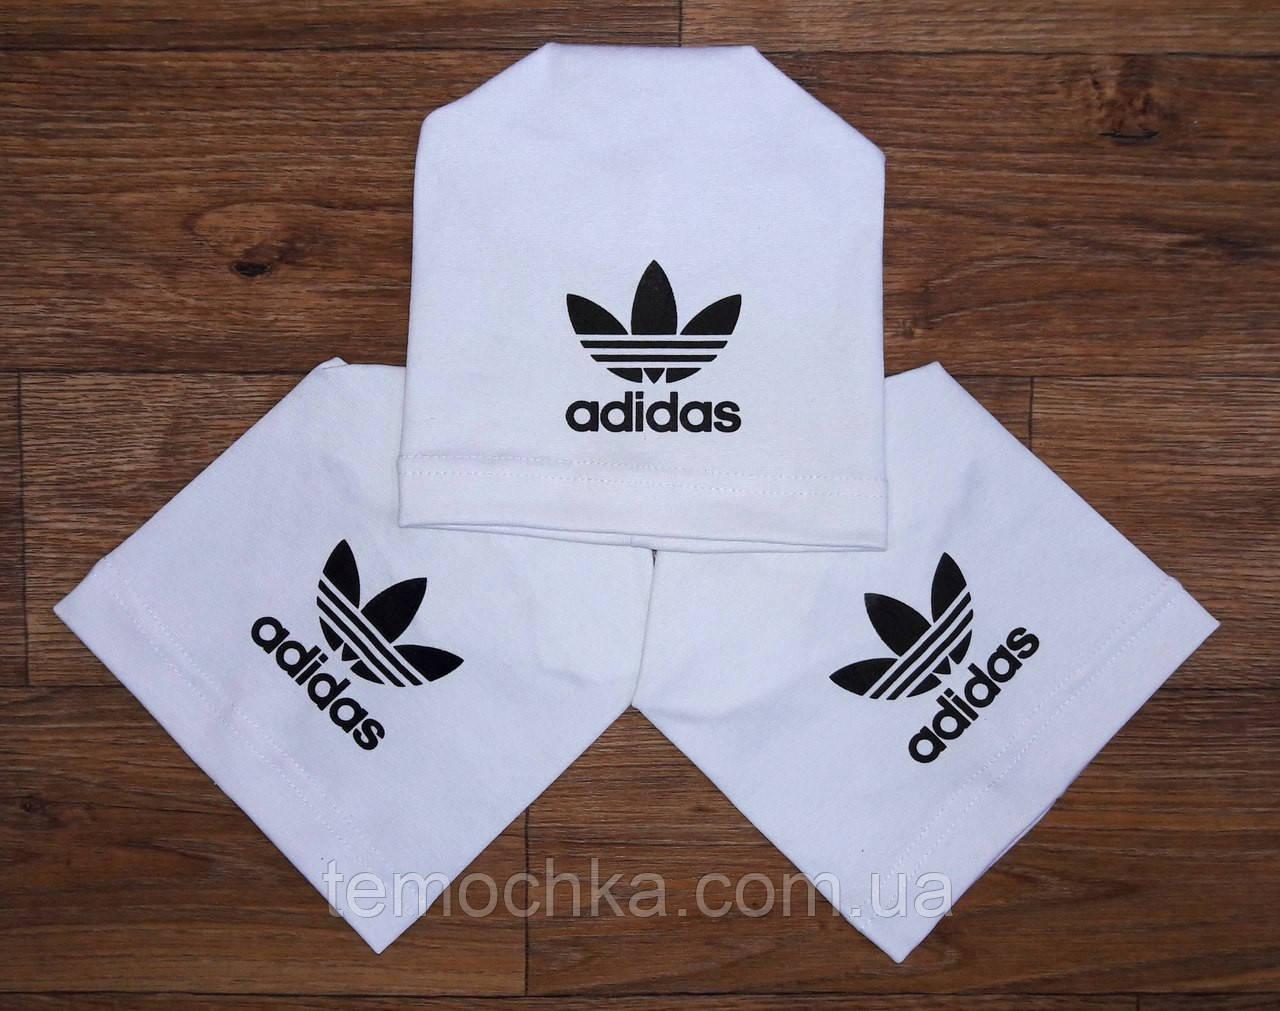 Шапка шапочка белая спортивная детская для мальчика или девочки Адидас Adidas